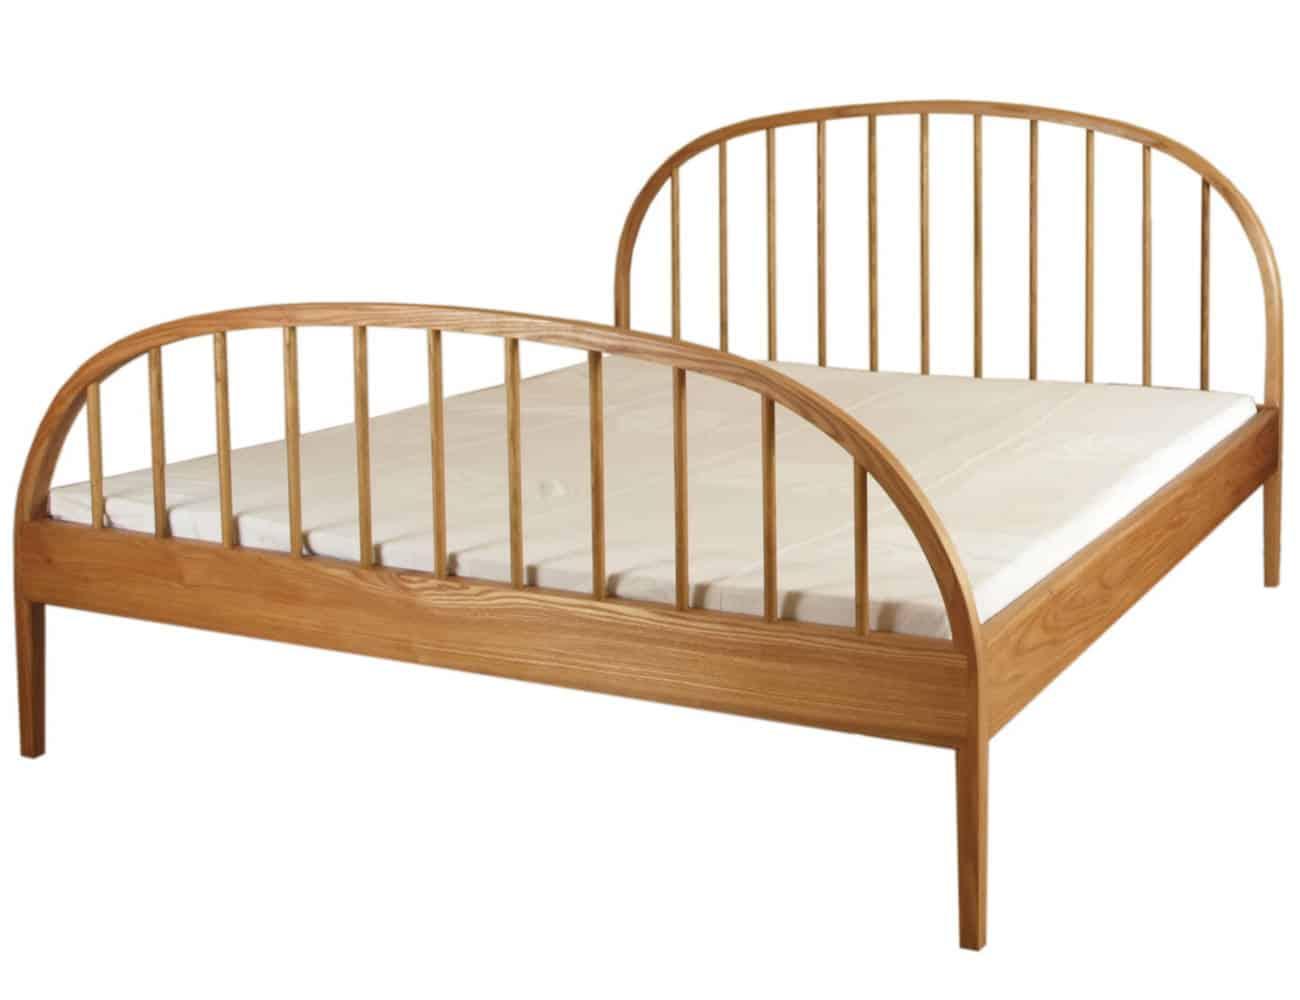 Die Formteile dieses Bettes habe ich mit Hilfe von Dampf gebogen